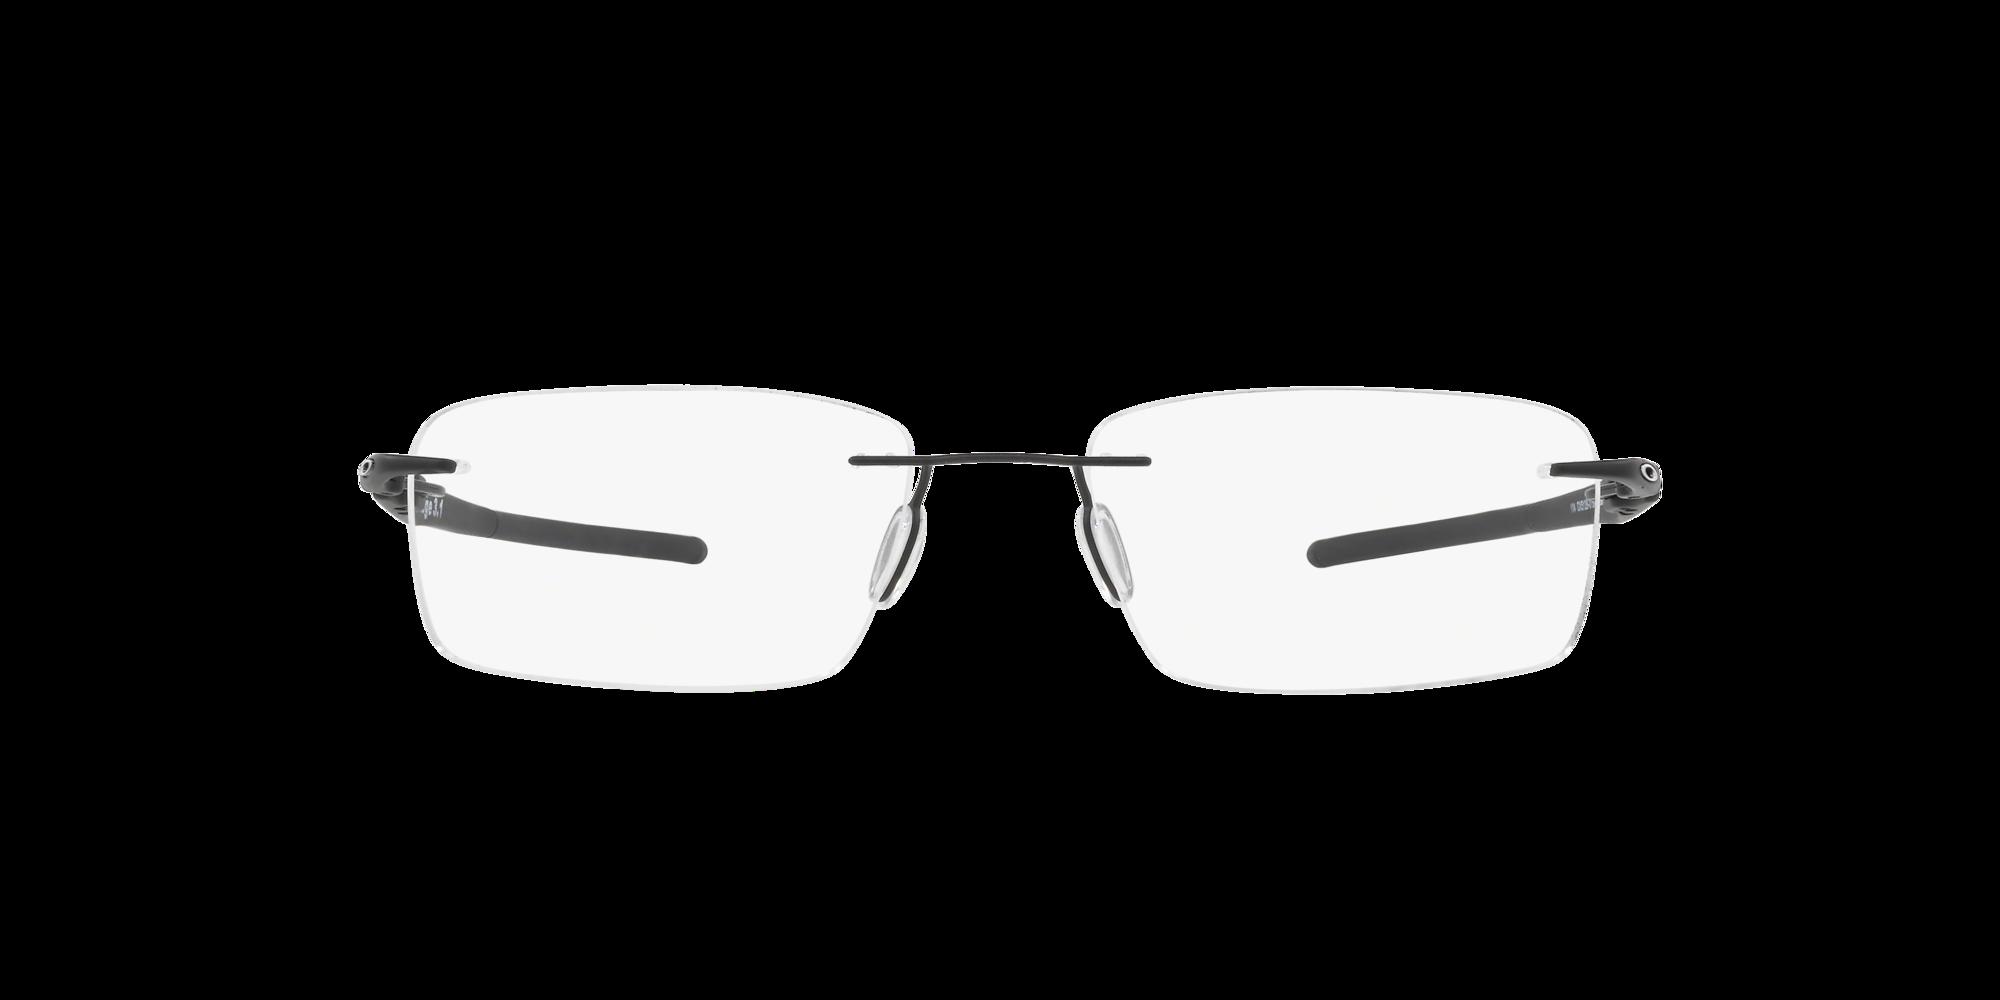 Imagen para OX5126 GAUGE 3.1 de LensCrafters |  Espejuelos, espejuelos graduados en línea, gafas